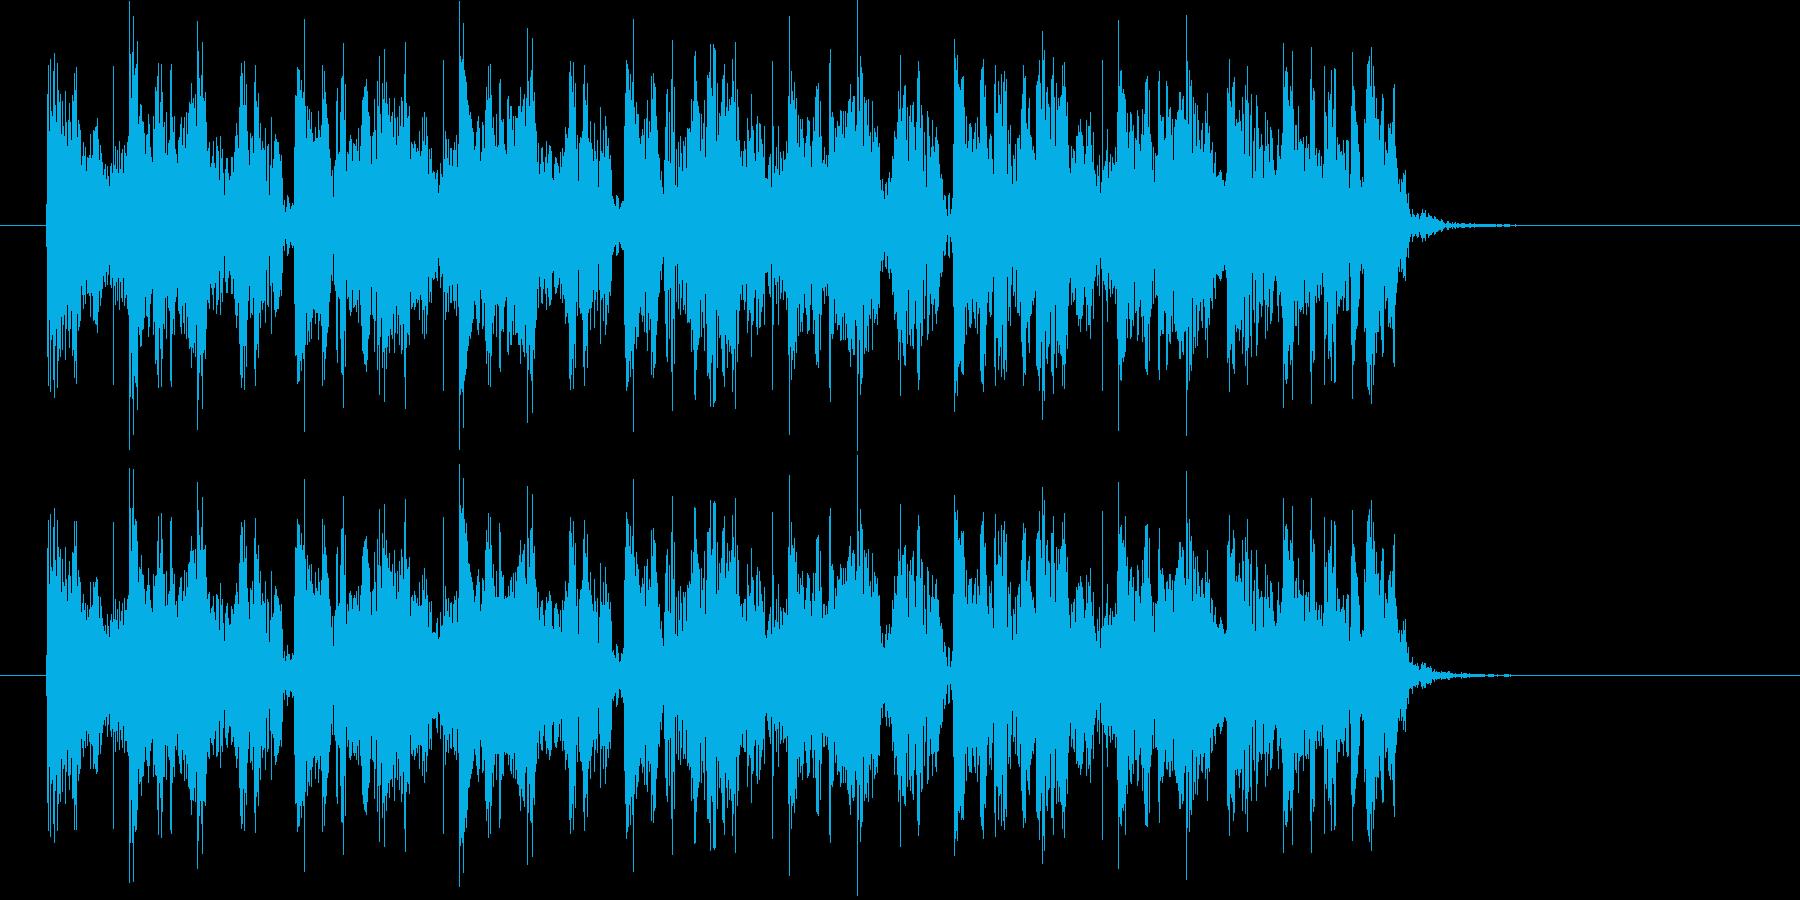 ビートがクールなヒップホップのジングルの再生済みの波形